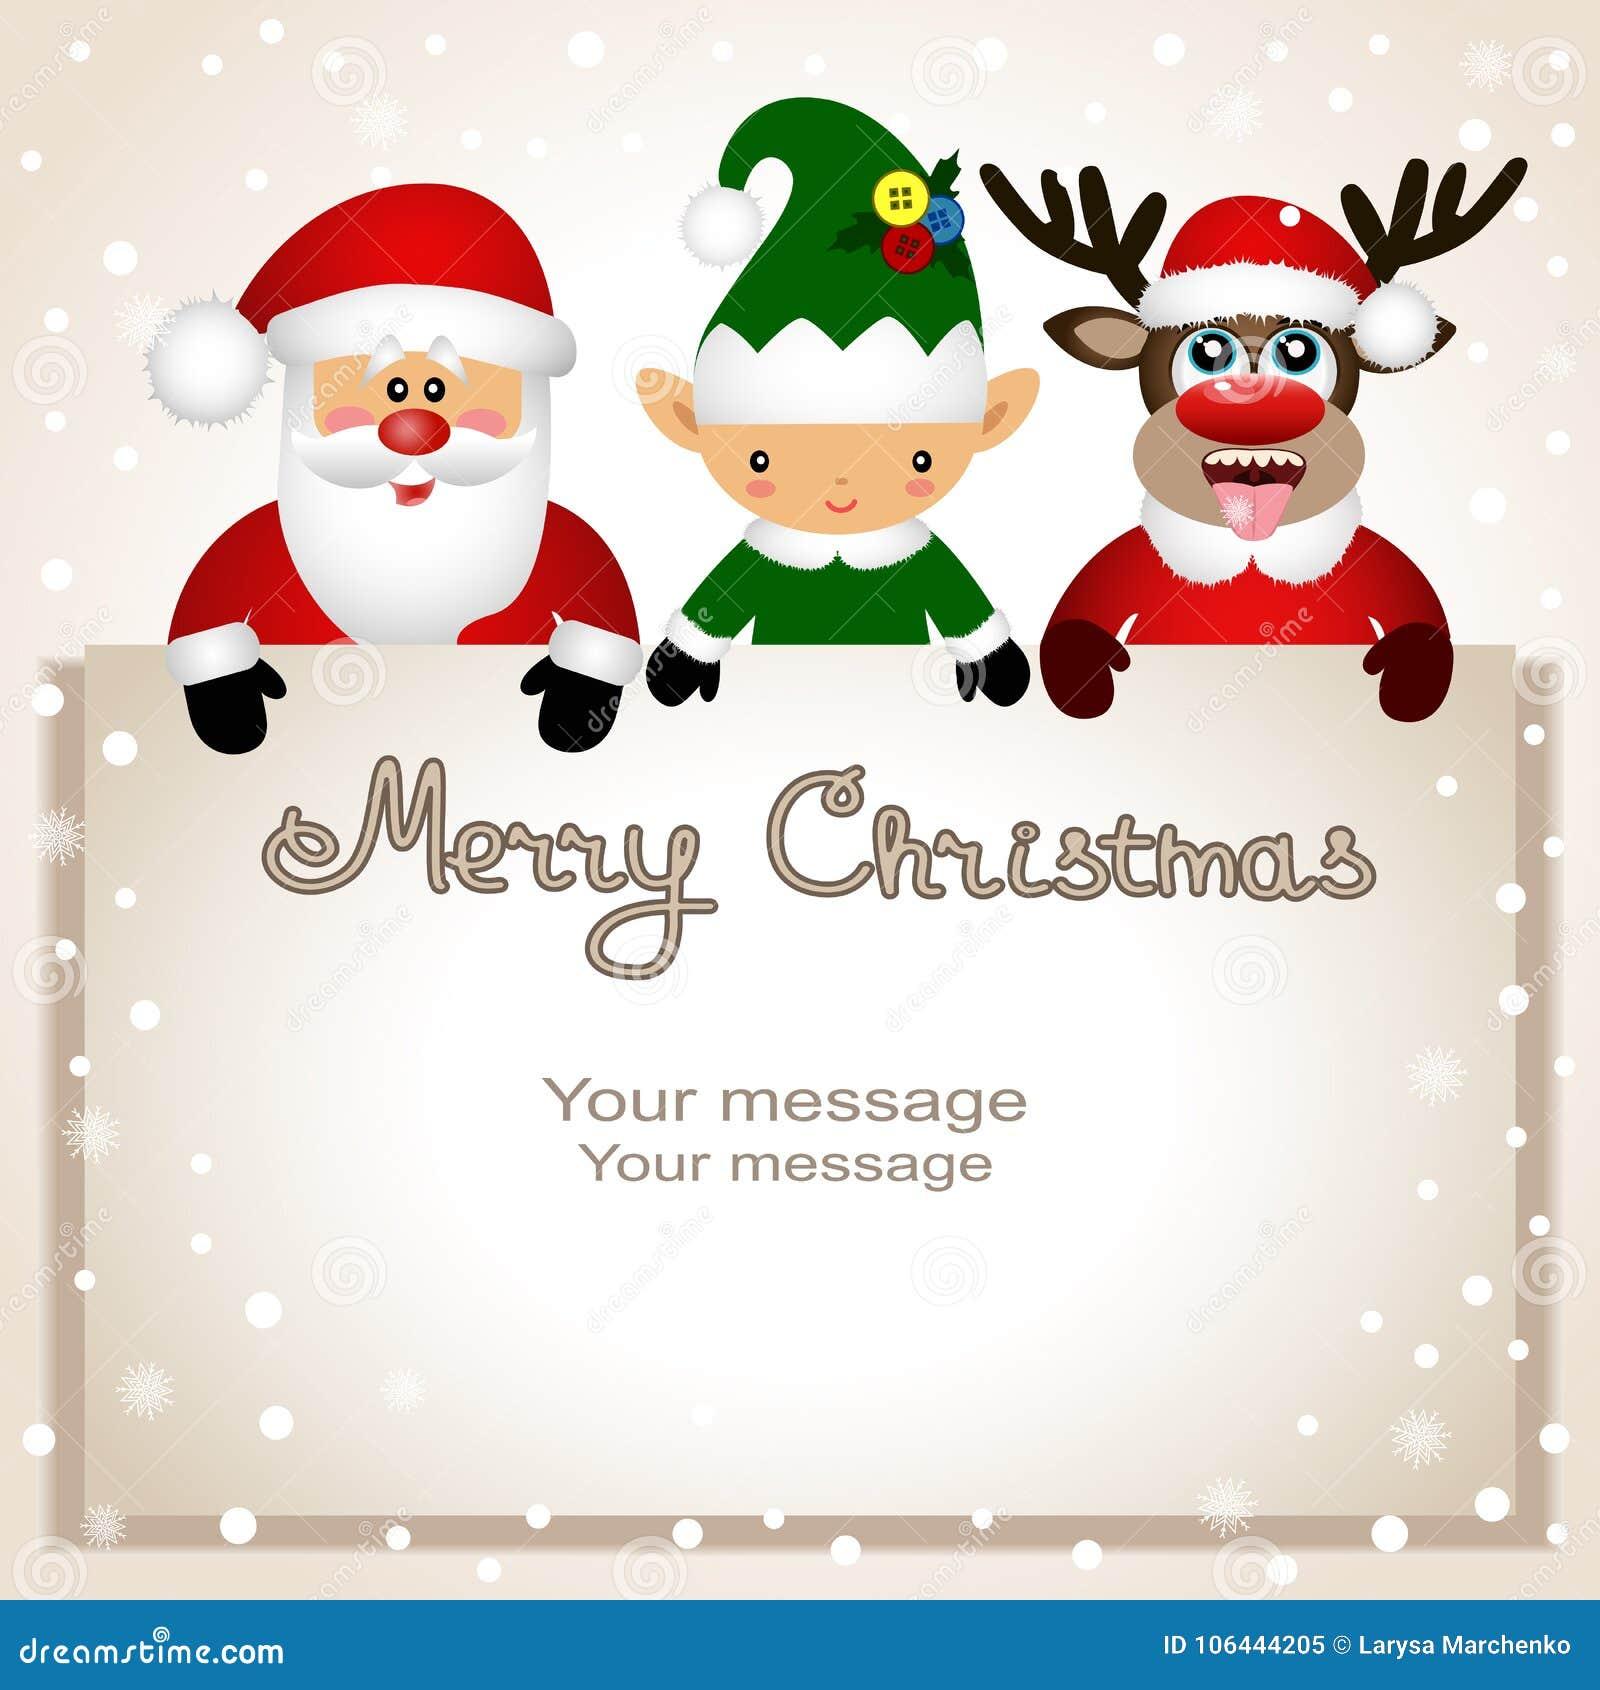 Christmas Card Funny Postcard With Christmas Elf Christmas Rei